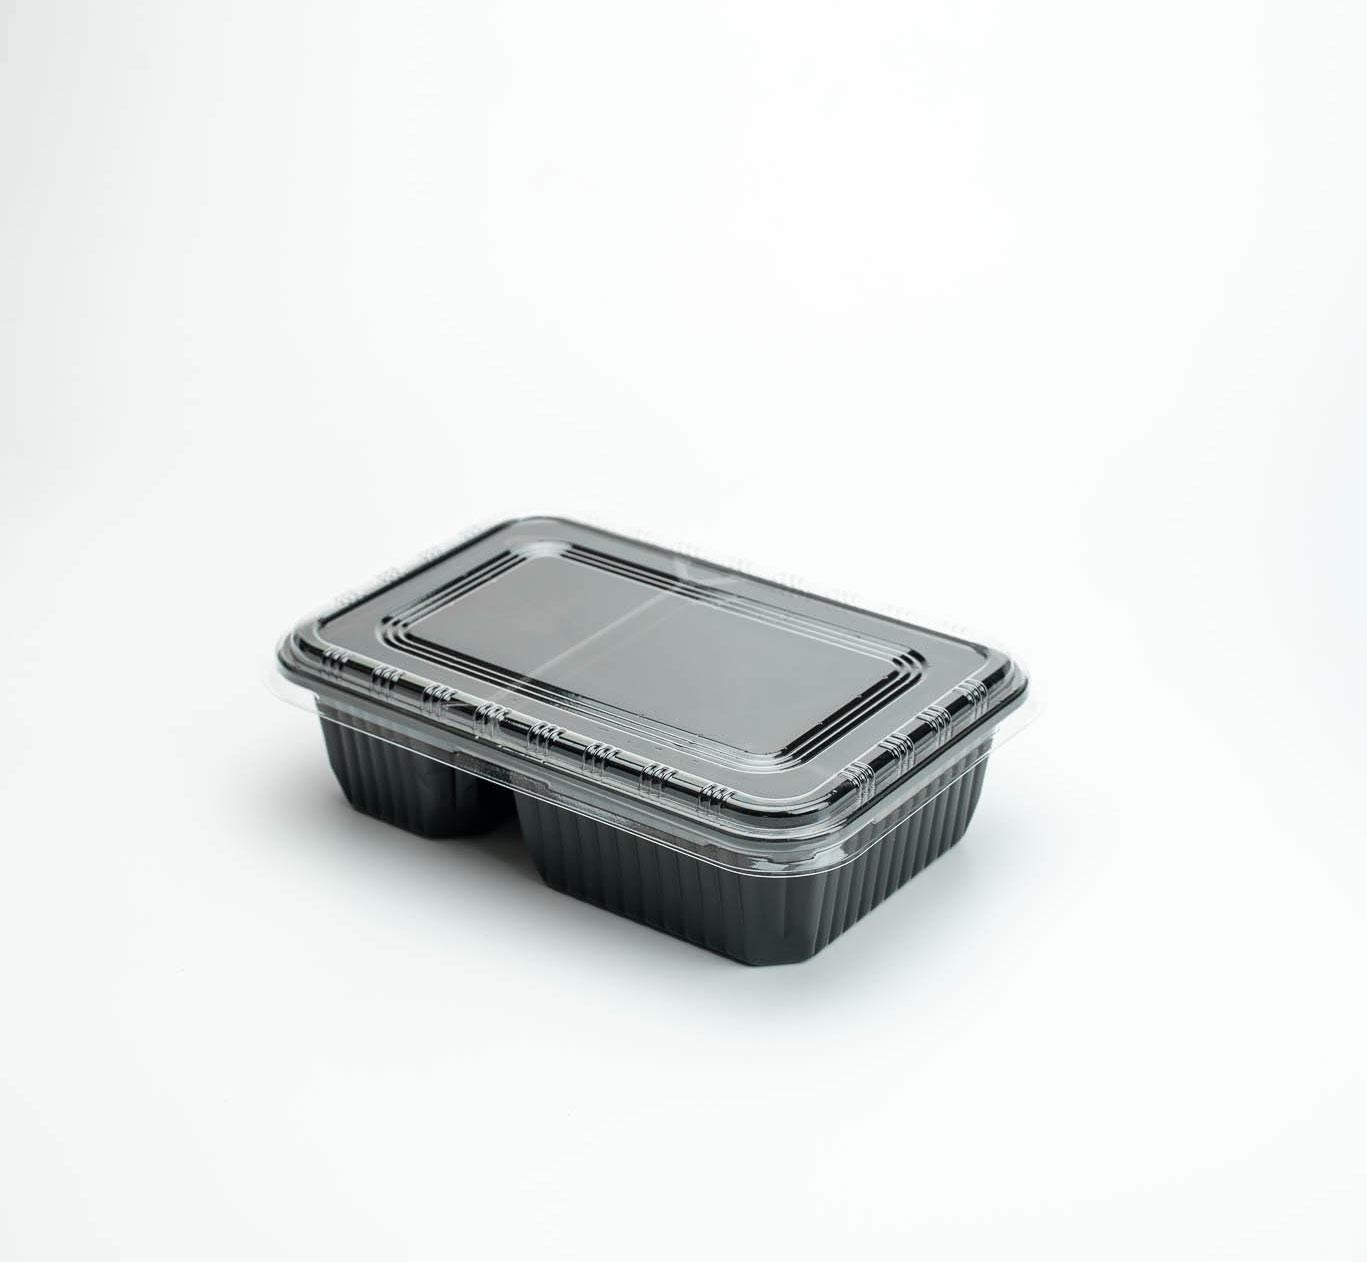 กล่องอาหารพลาสติก 2 ช่อง 650ml (ฝาใสไร้ฝ้า)